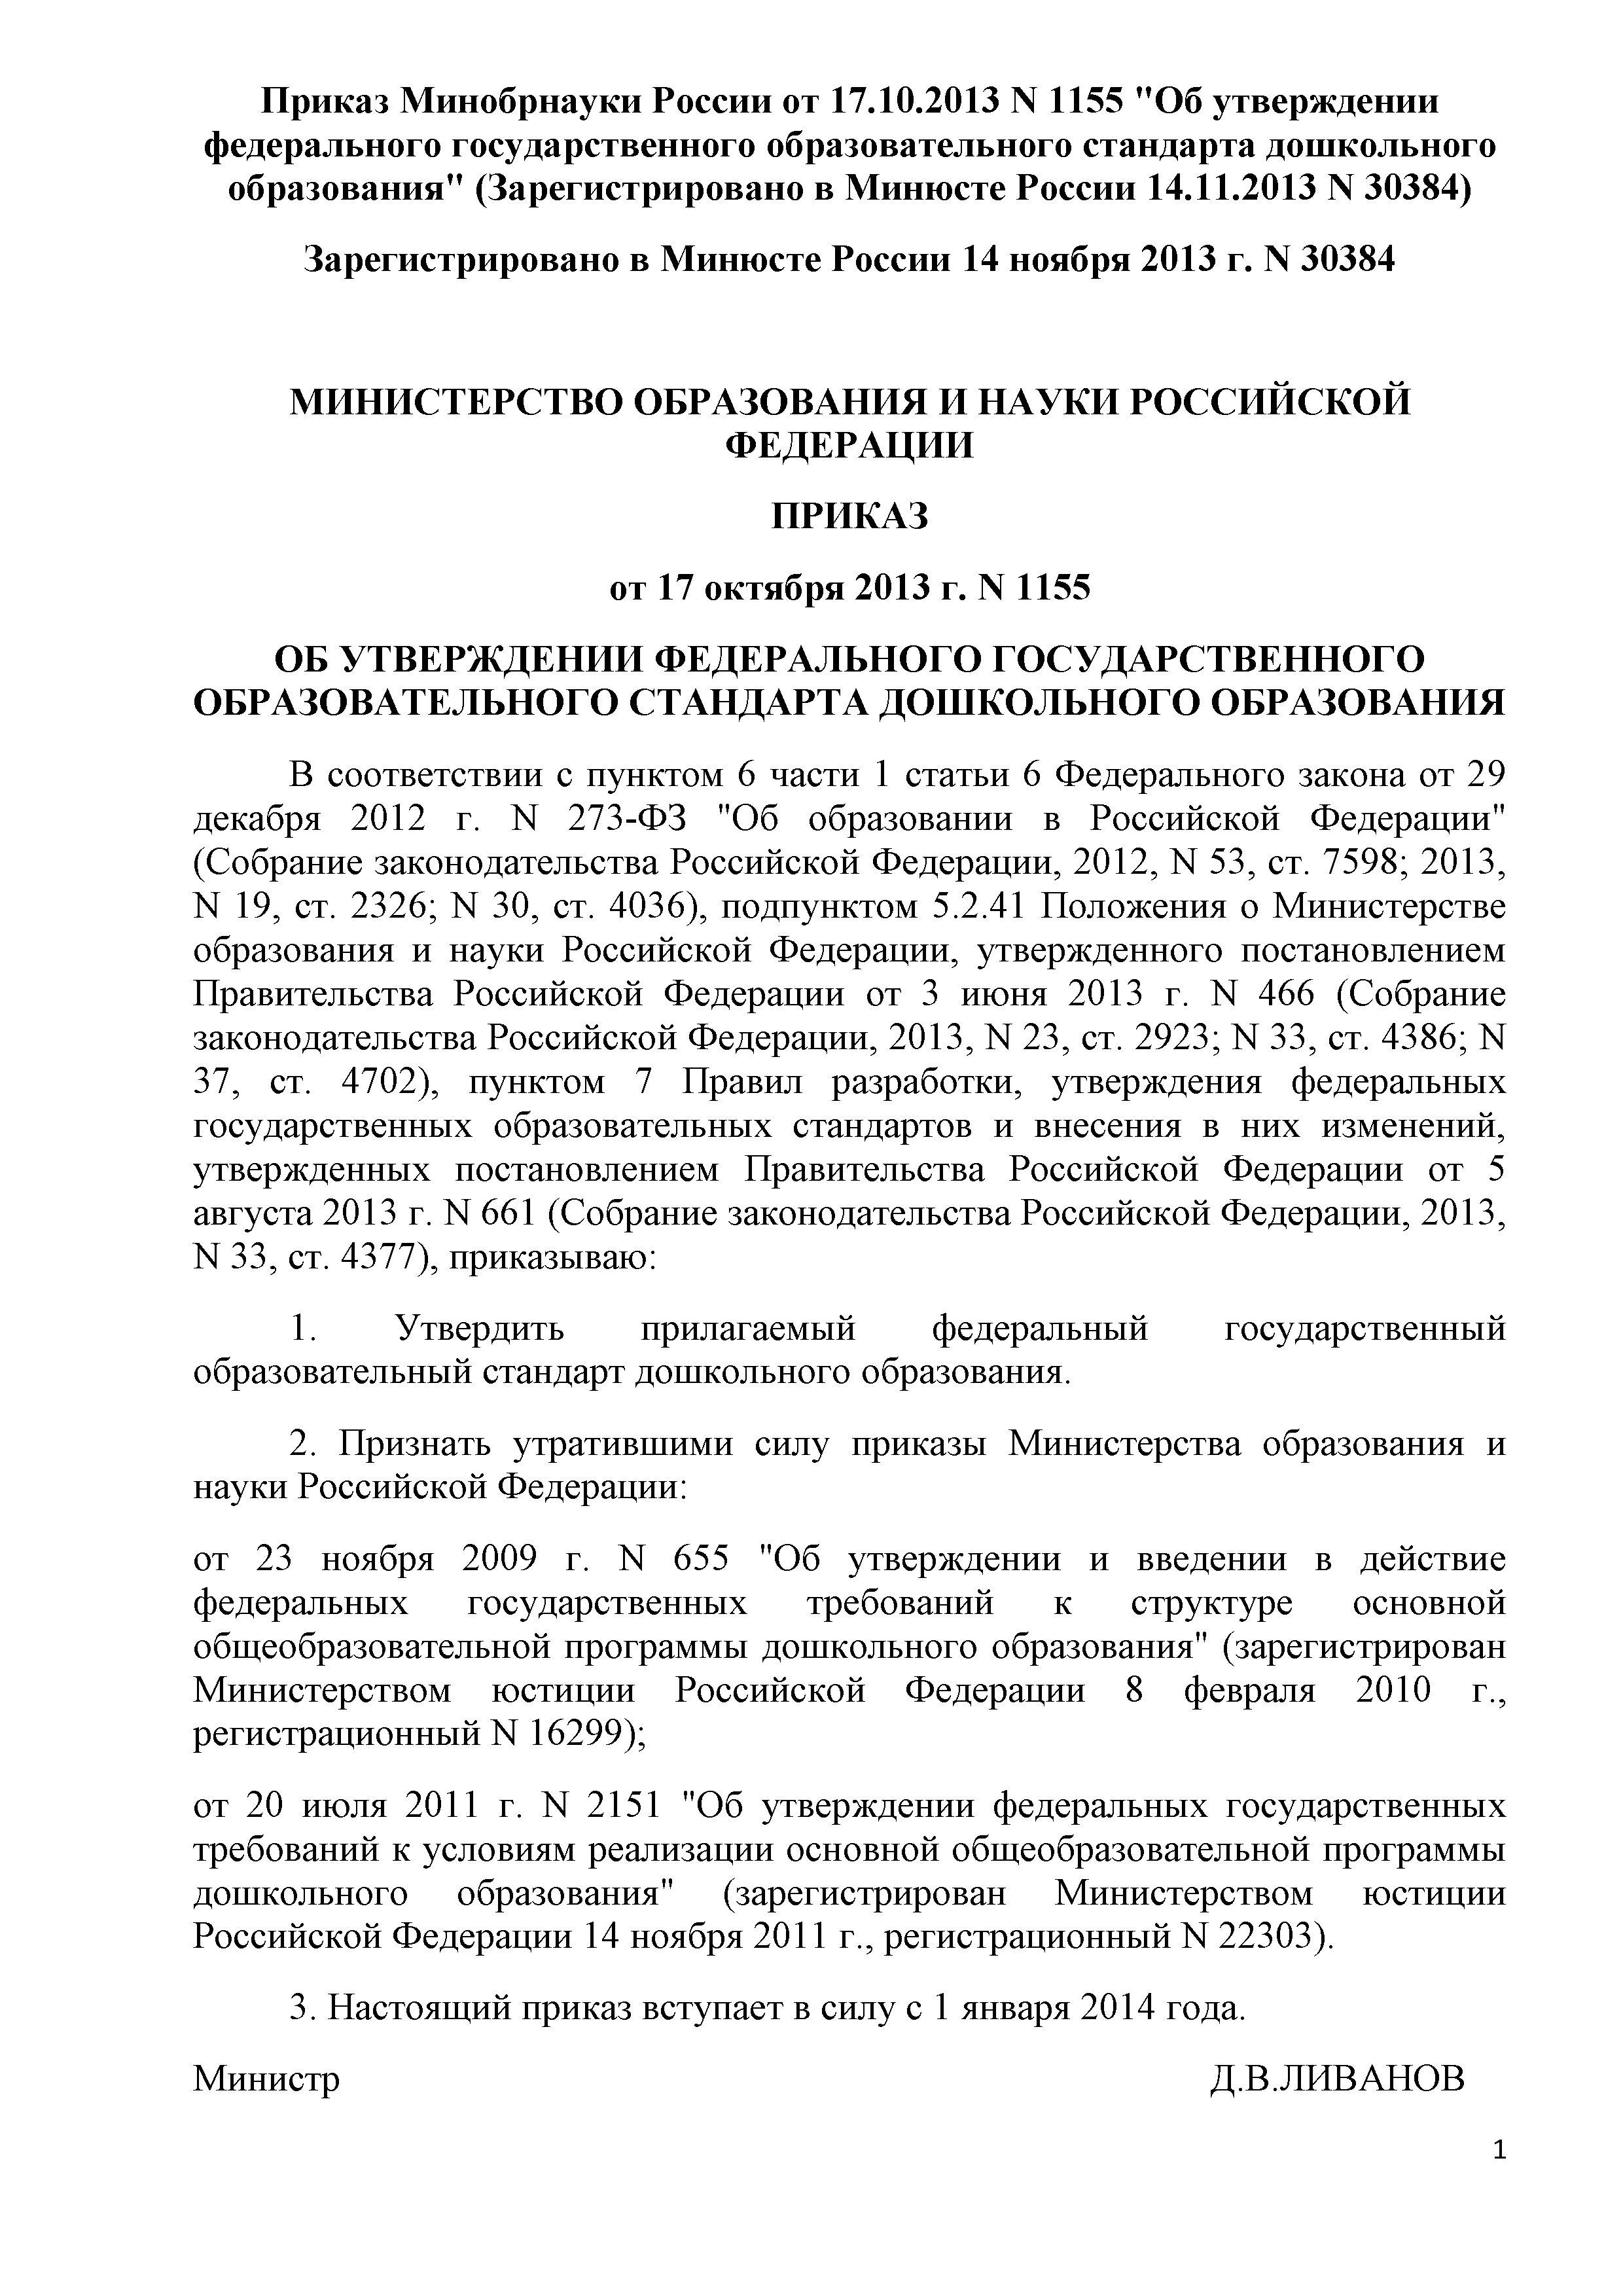 Приказ минобрнауки россии от 17.10.2013 n 1155 об утверждении федерального государственно